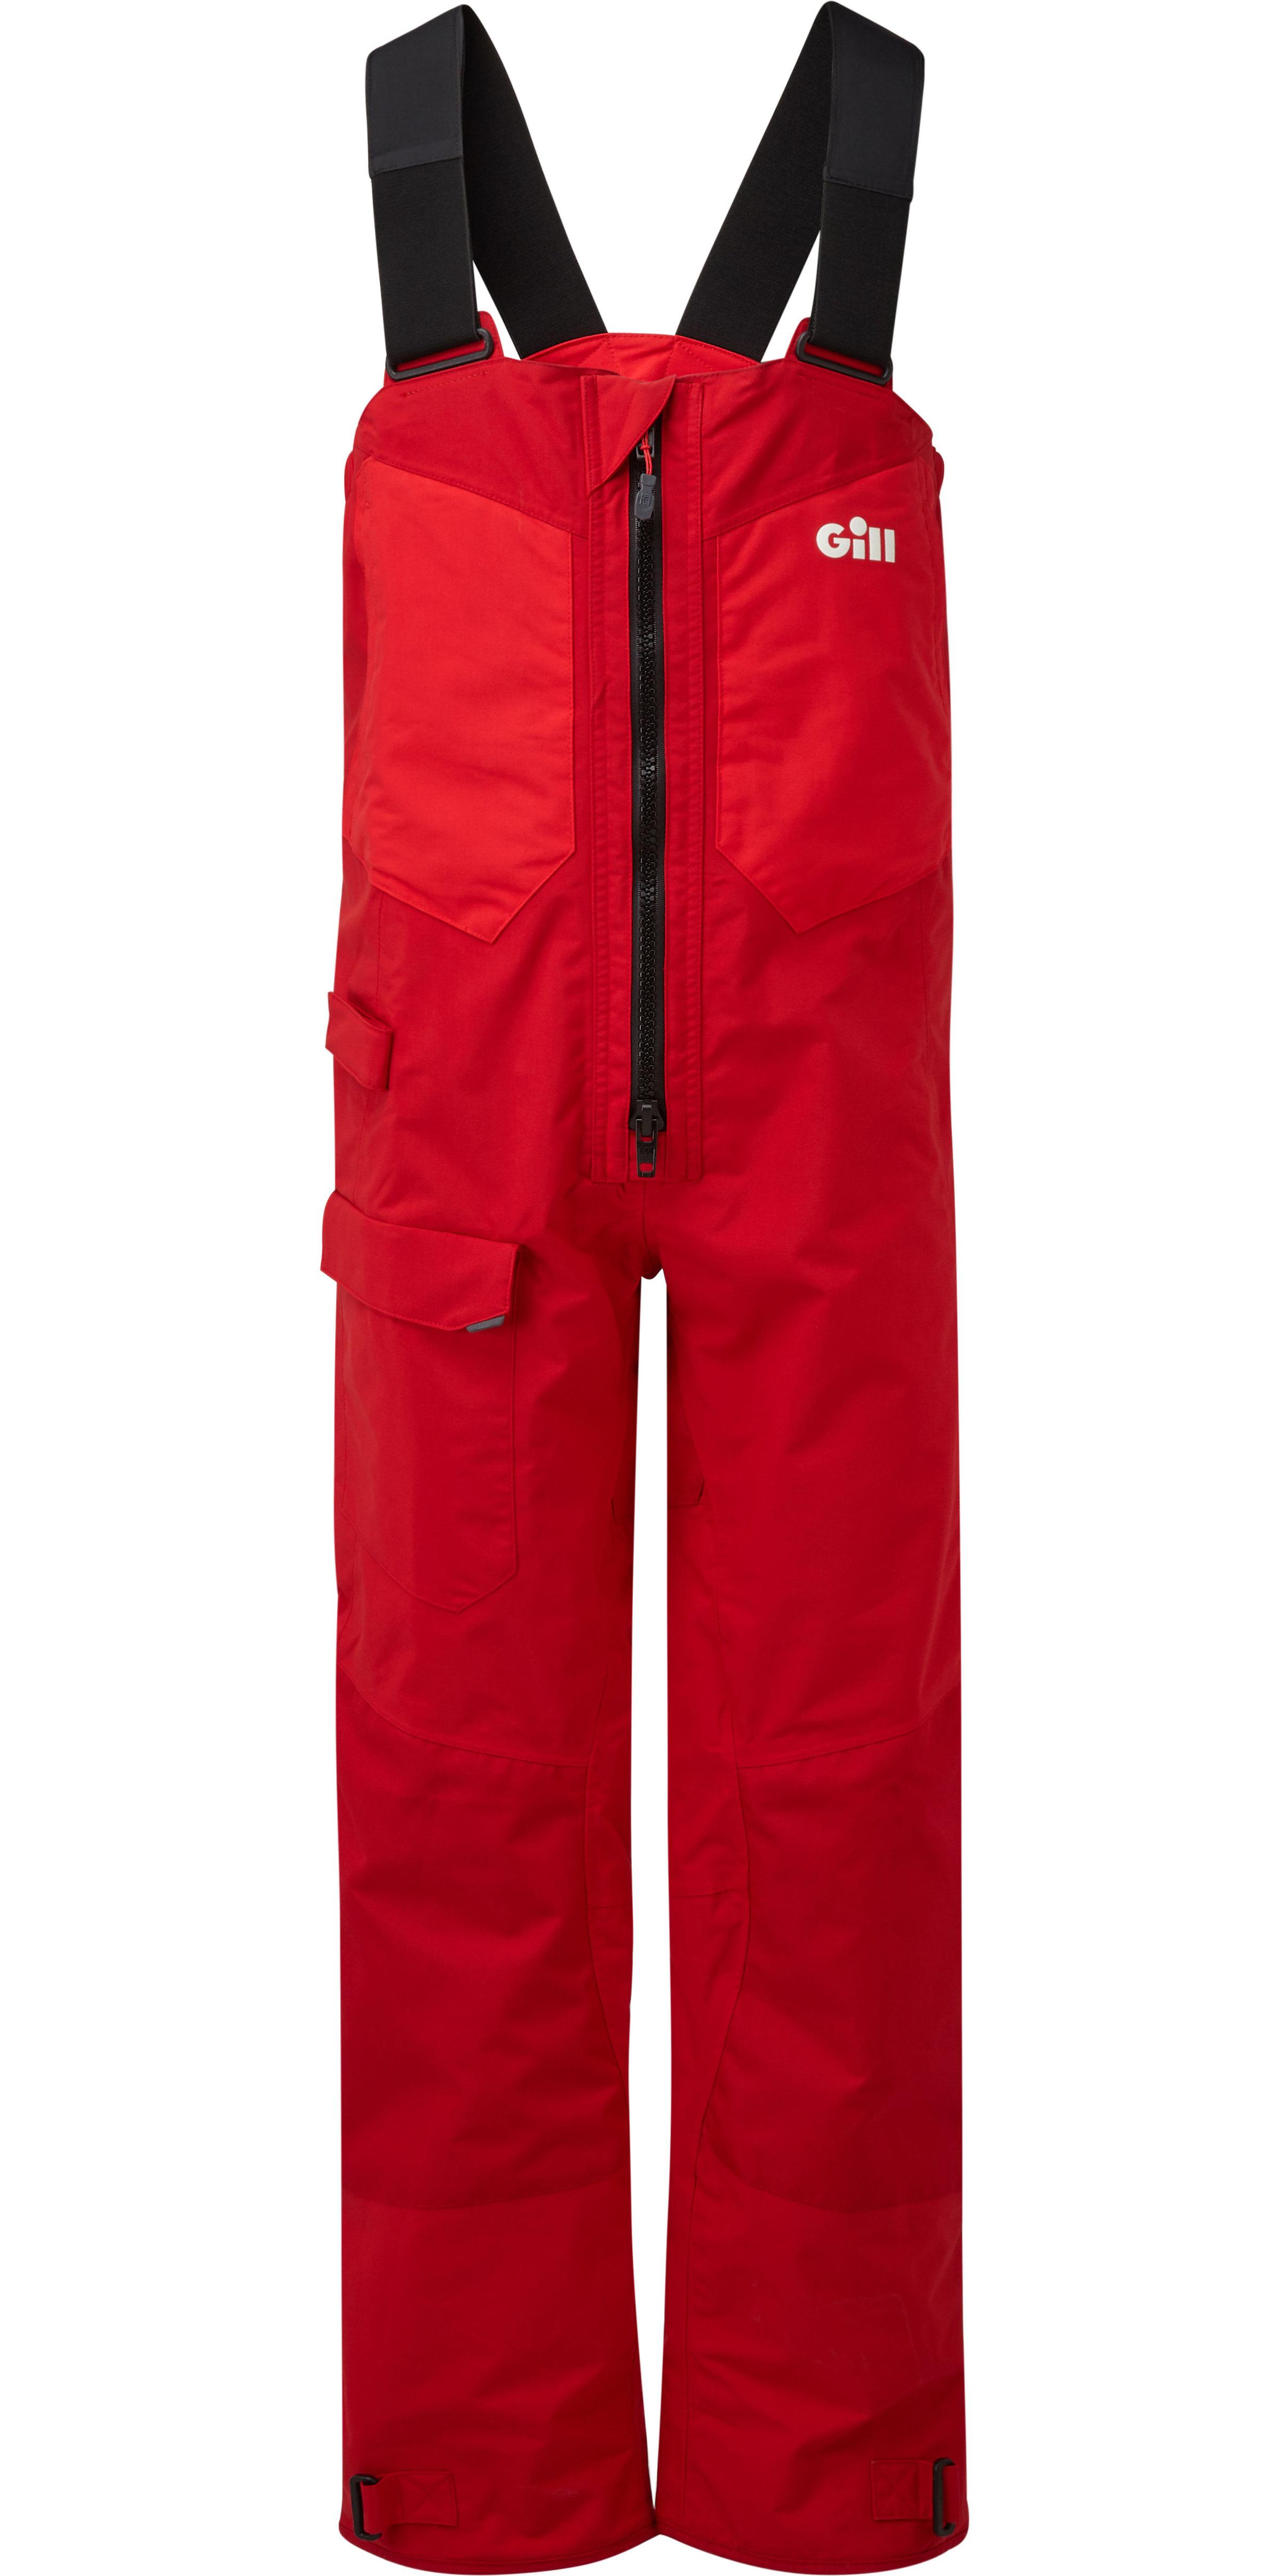 Gill Os2 Pantalon Os24t Rouge Hommes 2019 dexBrCo